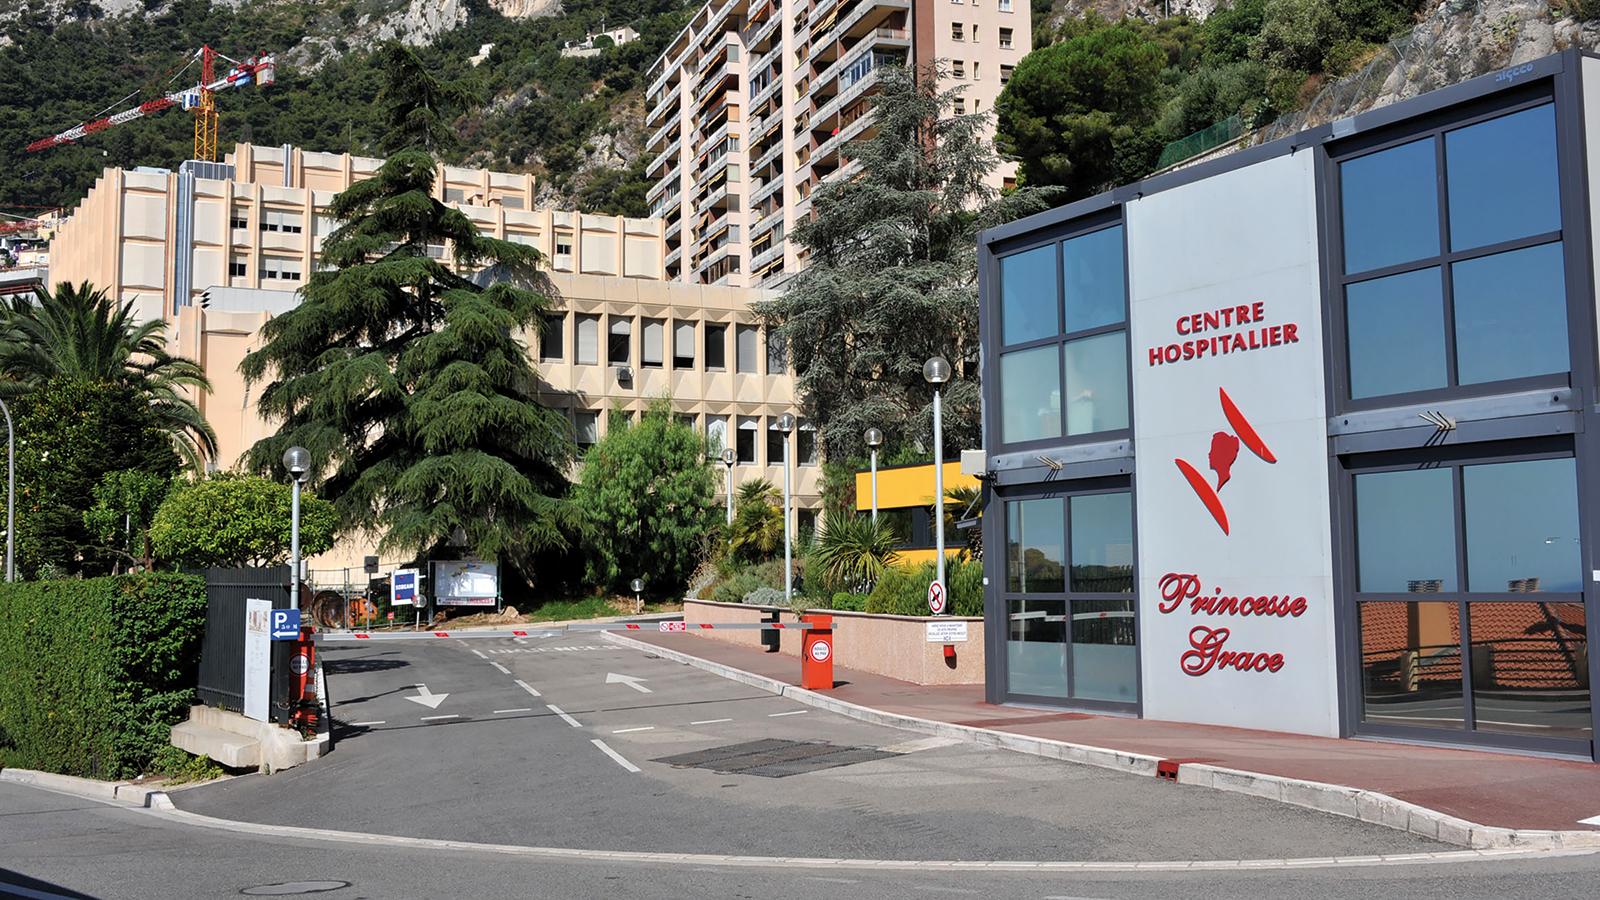 COVID-19 : <br/>une unité de 24 lits dédiée aux patients positifs au CHPG